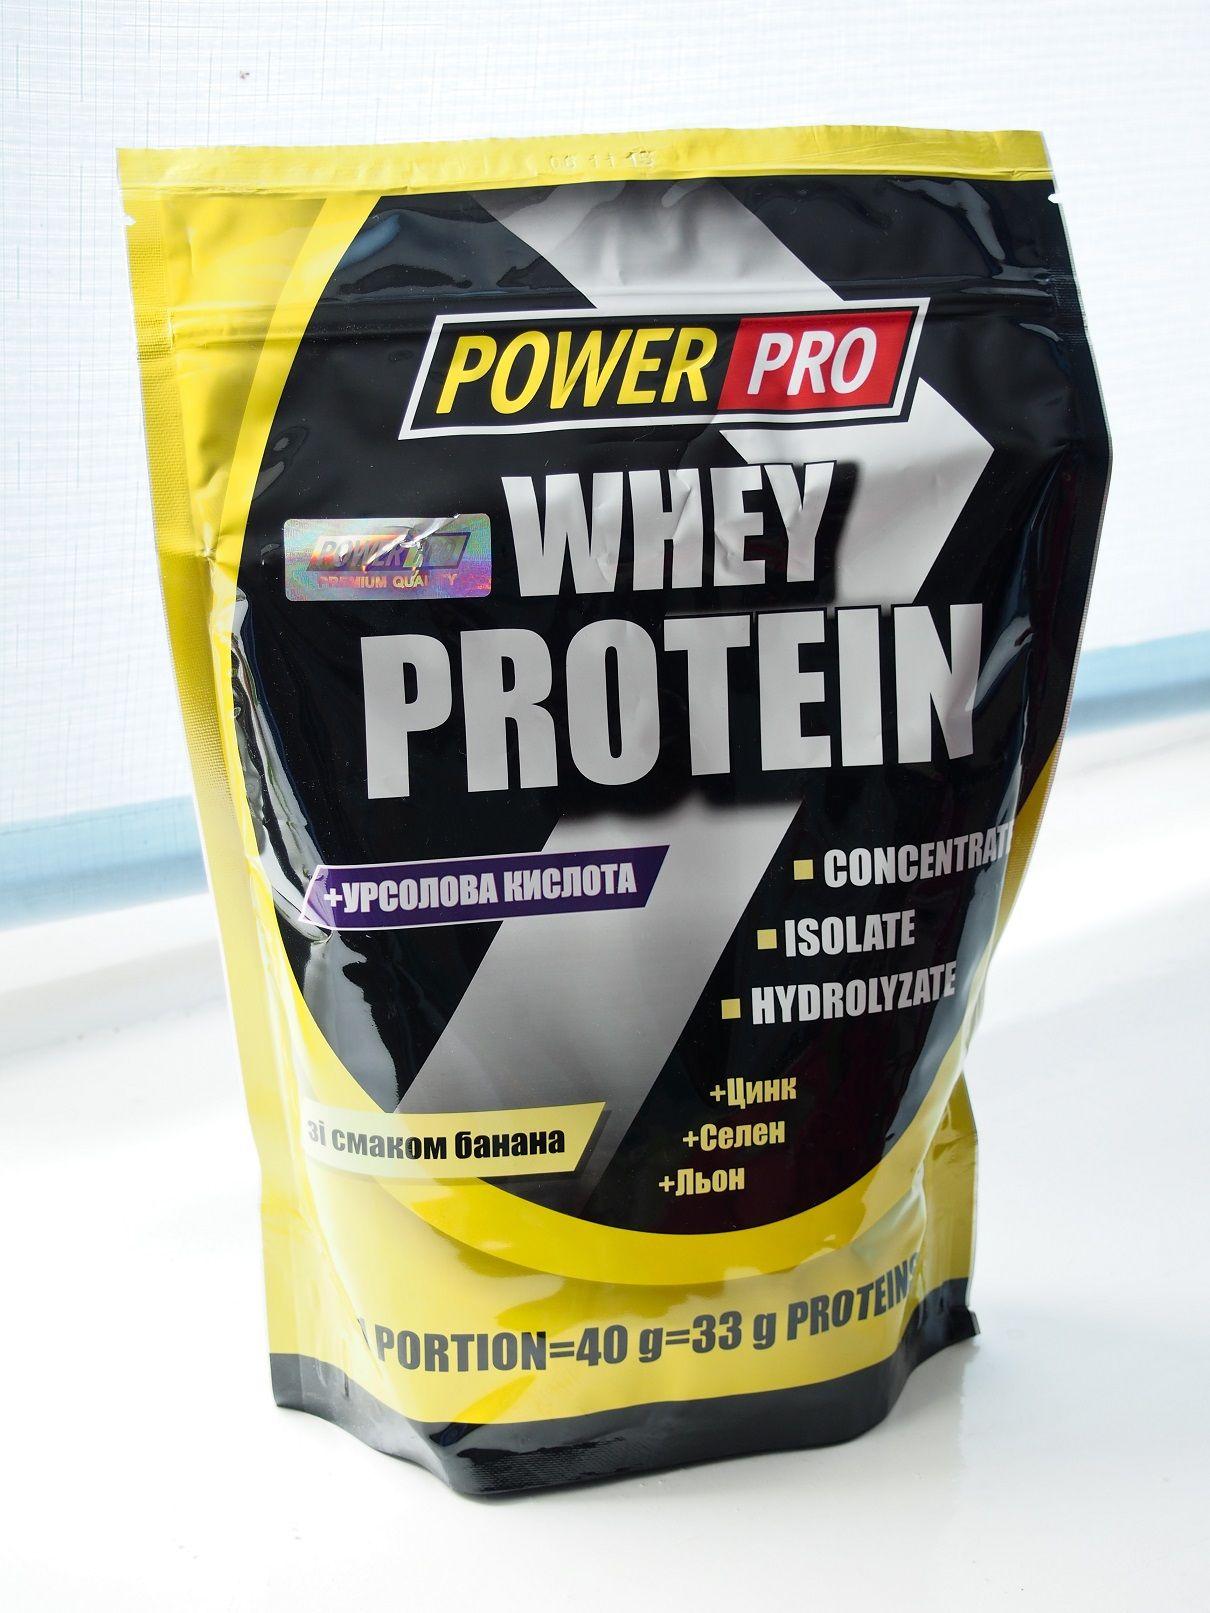 Les 5 meilleures protéines de lactosérum pour une masse musculaire maximale